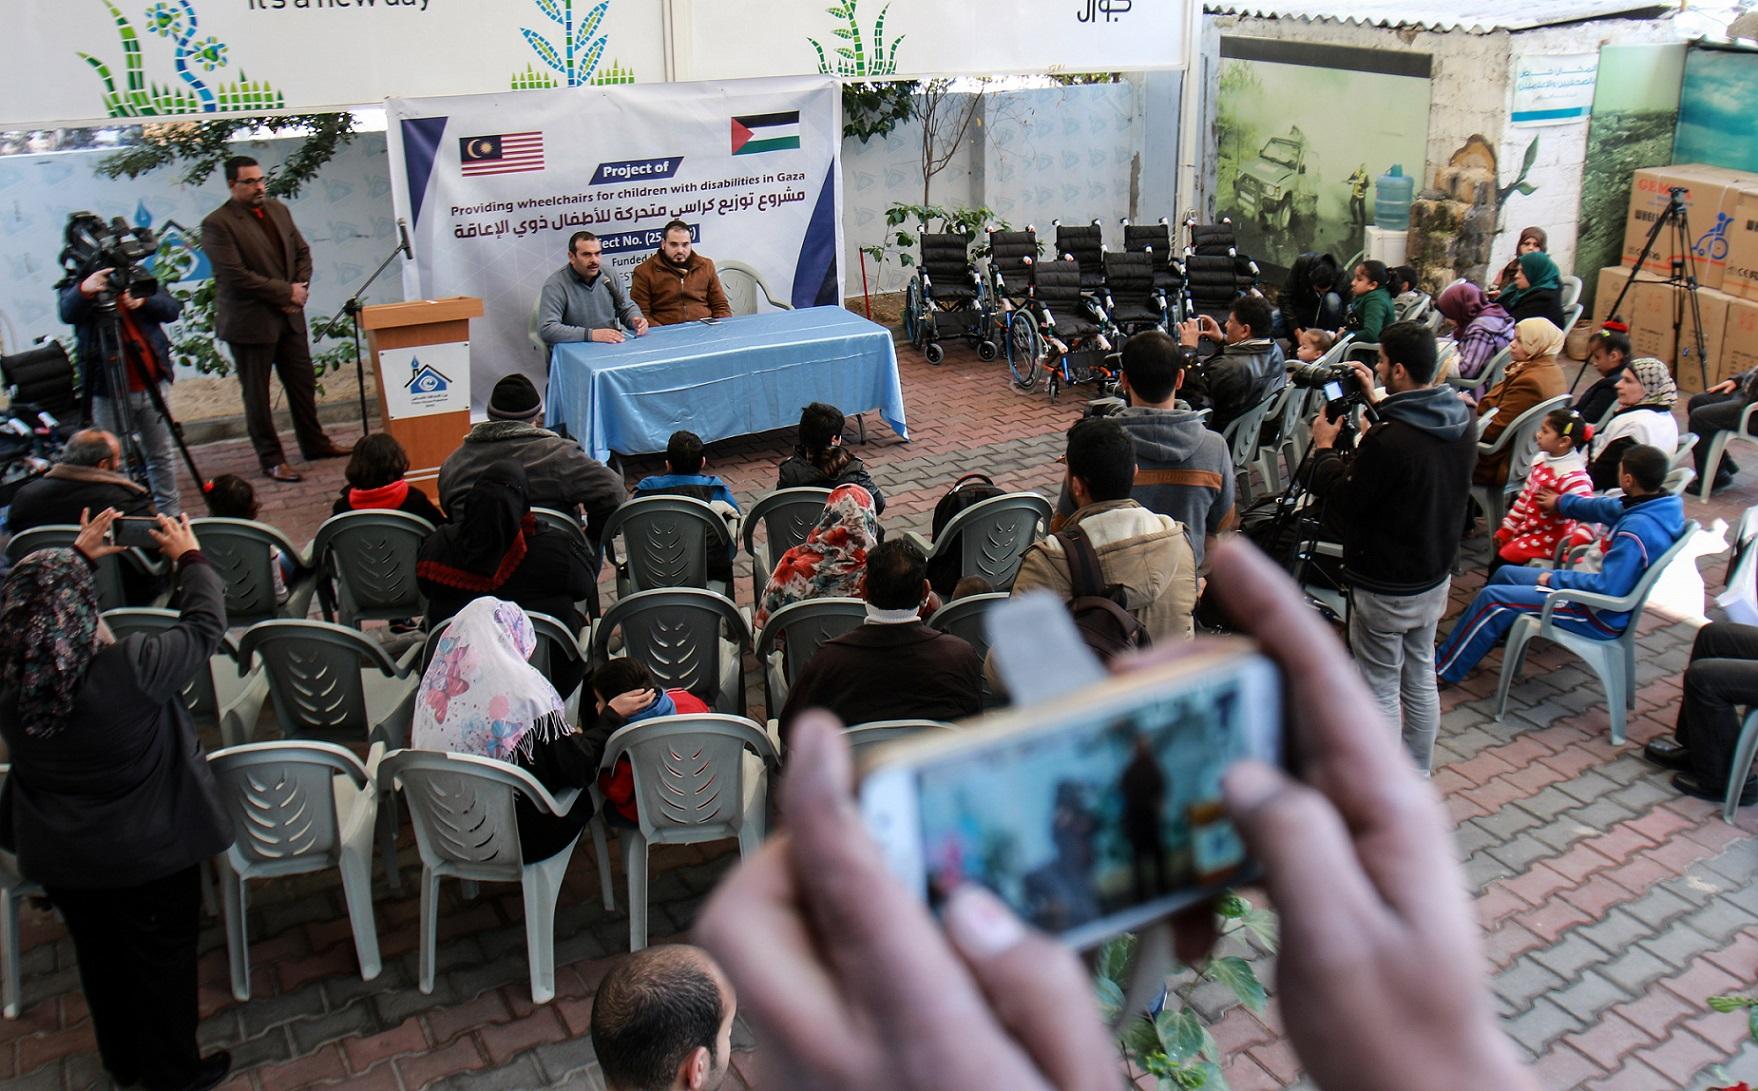 بيت الصحافة يستضيف فعالية توزيع كراسي متحركة على الأطفال ذوي الاعاقة